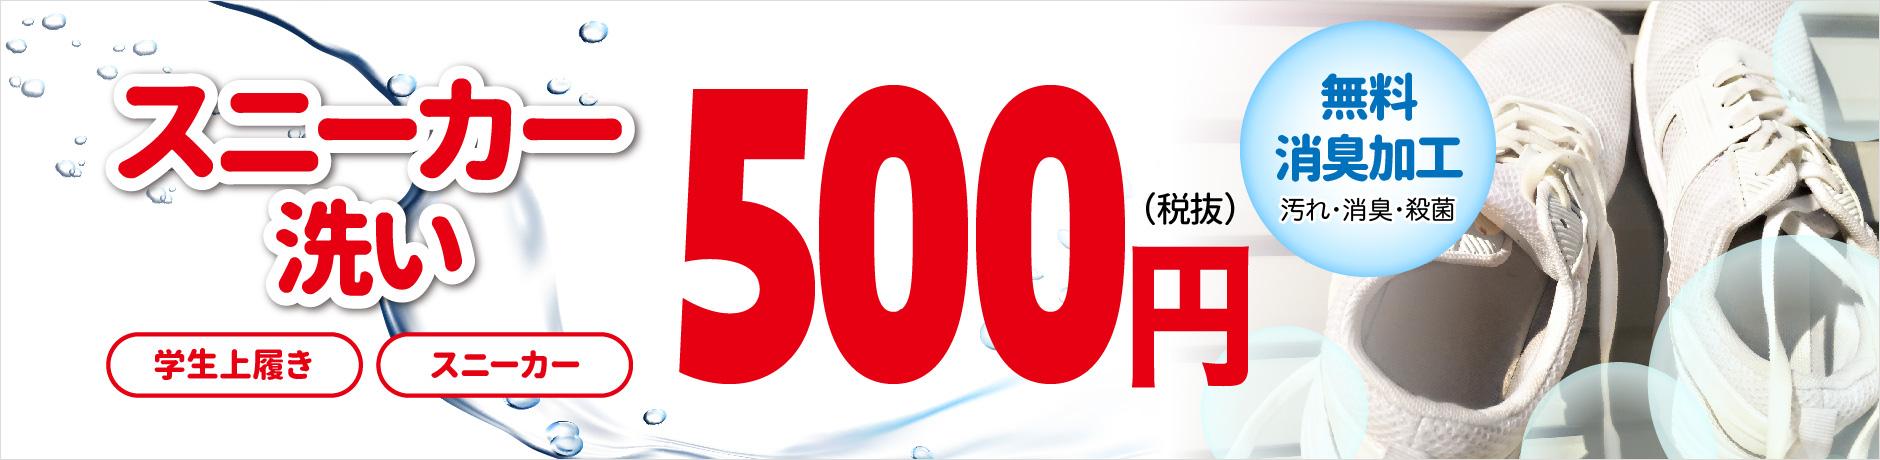 スニーカー洗い500円